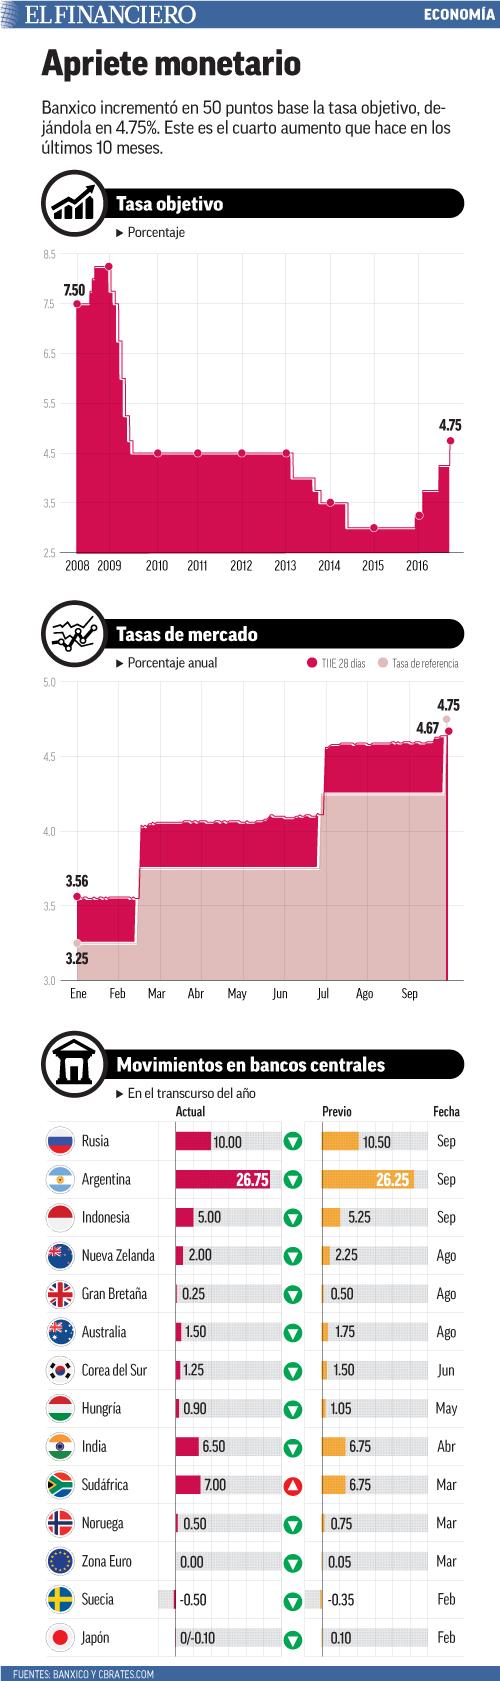 Banxico incrementó en 50 puntos base la tasa objetivo, dejándola en 4.75%. Este es el cuarto aumento que hace en los últimos 10 meses.